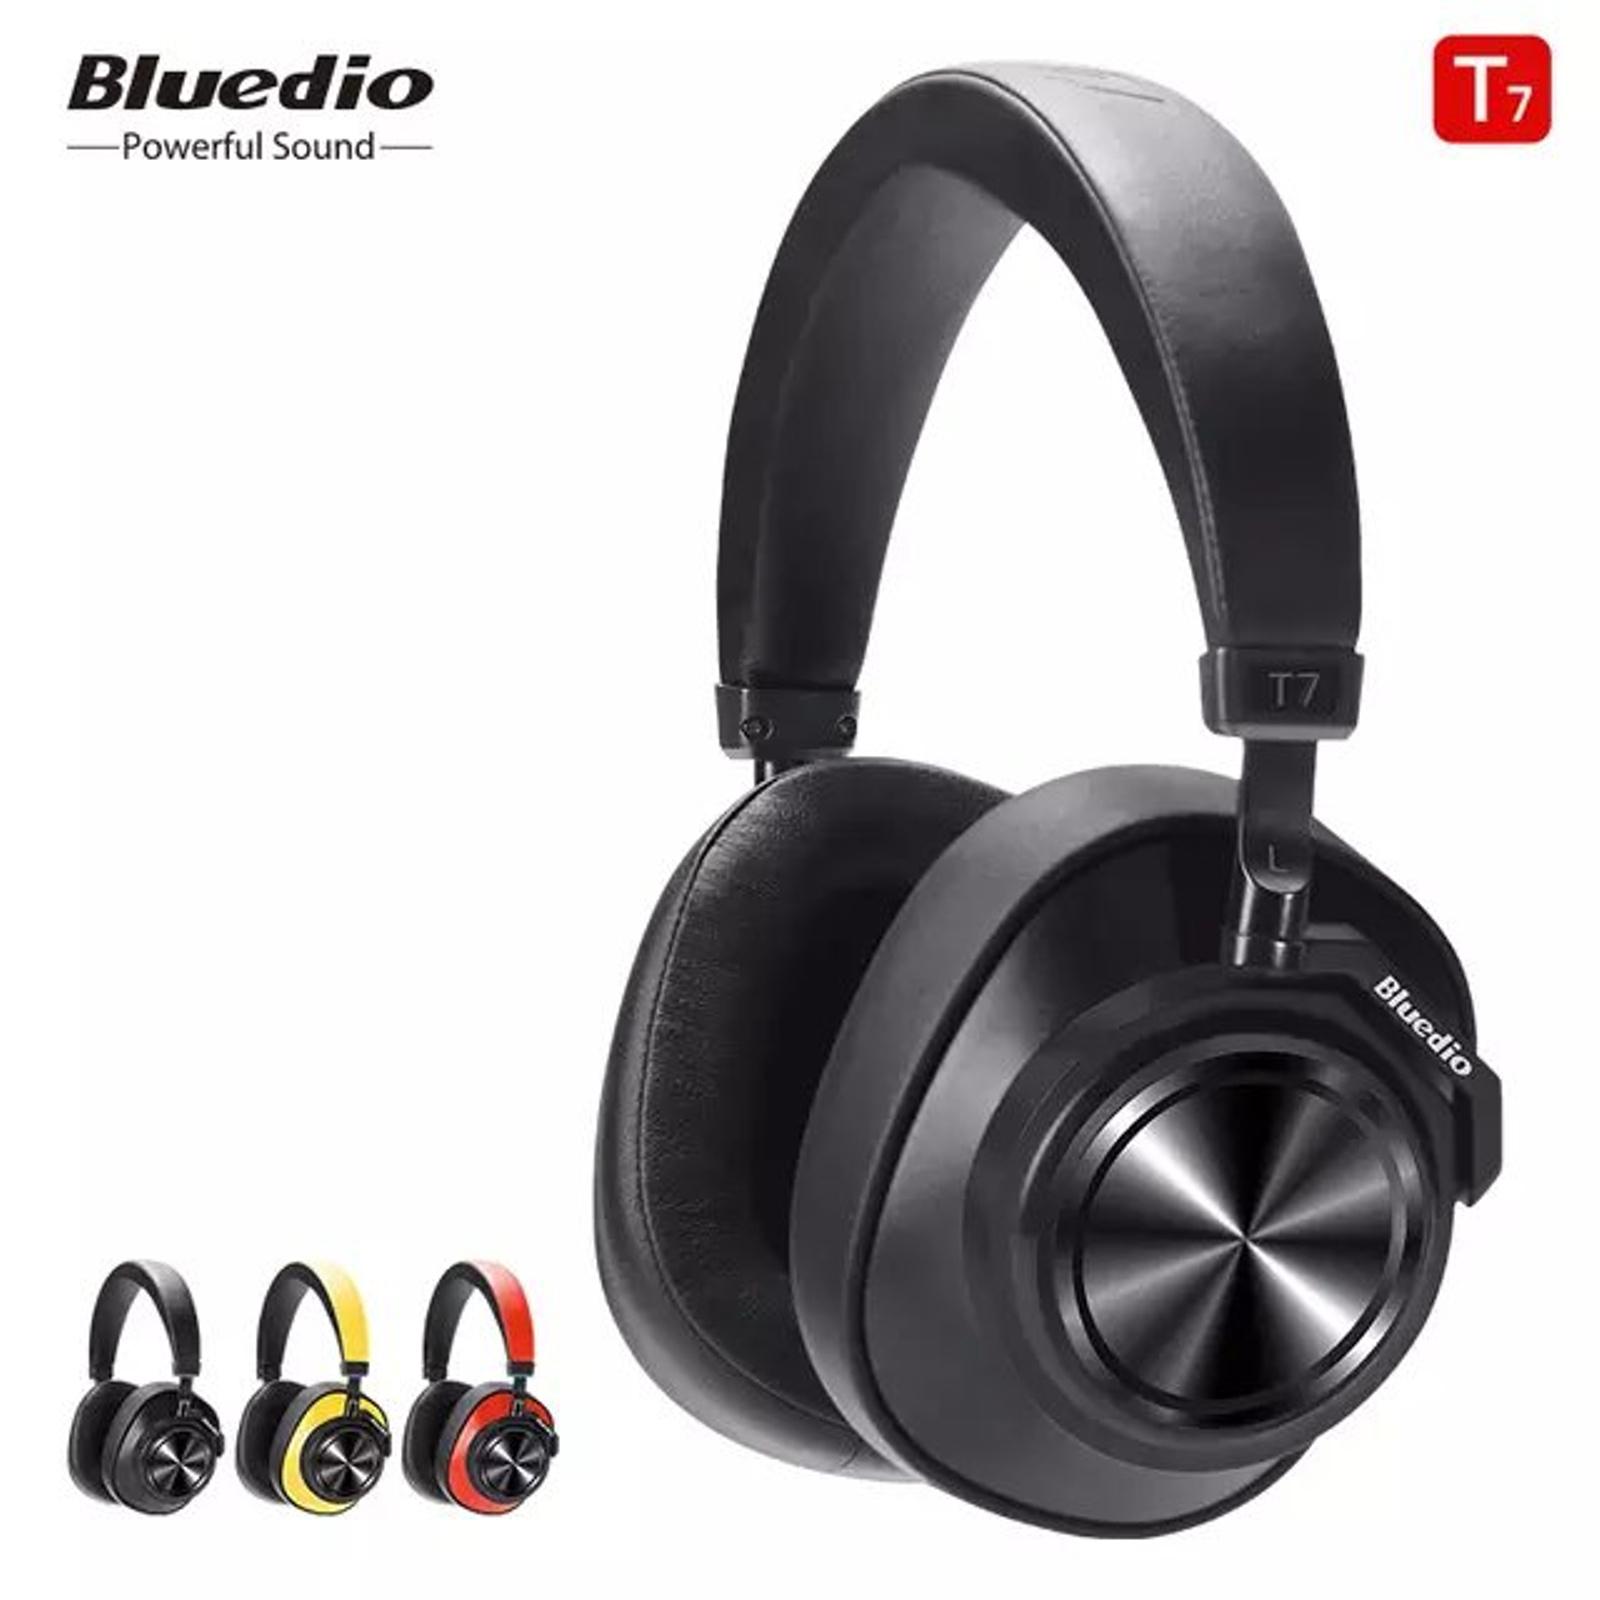 Bluedio T7 (nuevo modelo a precio mínimo histórico - varios cupones + ios)